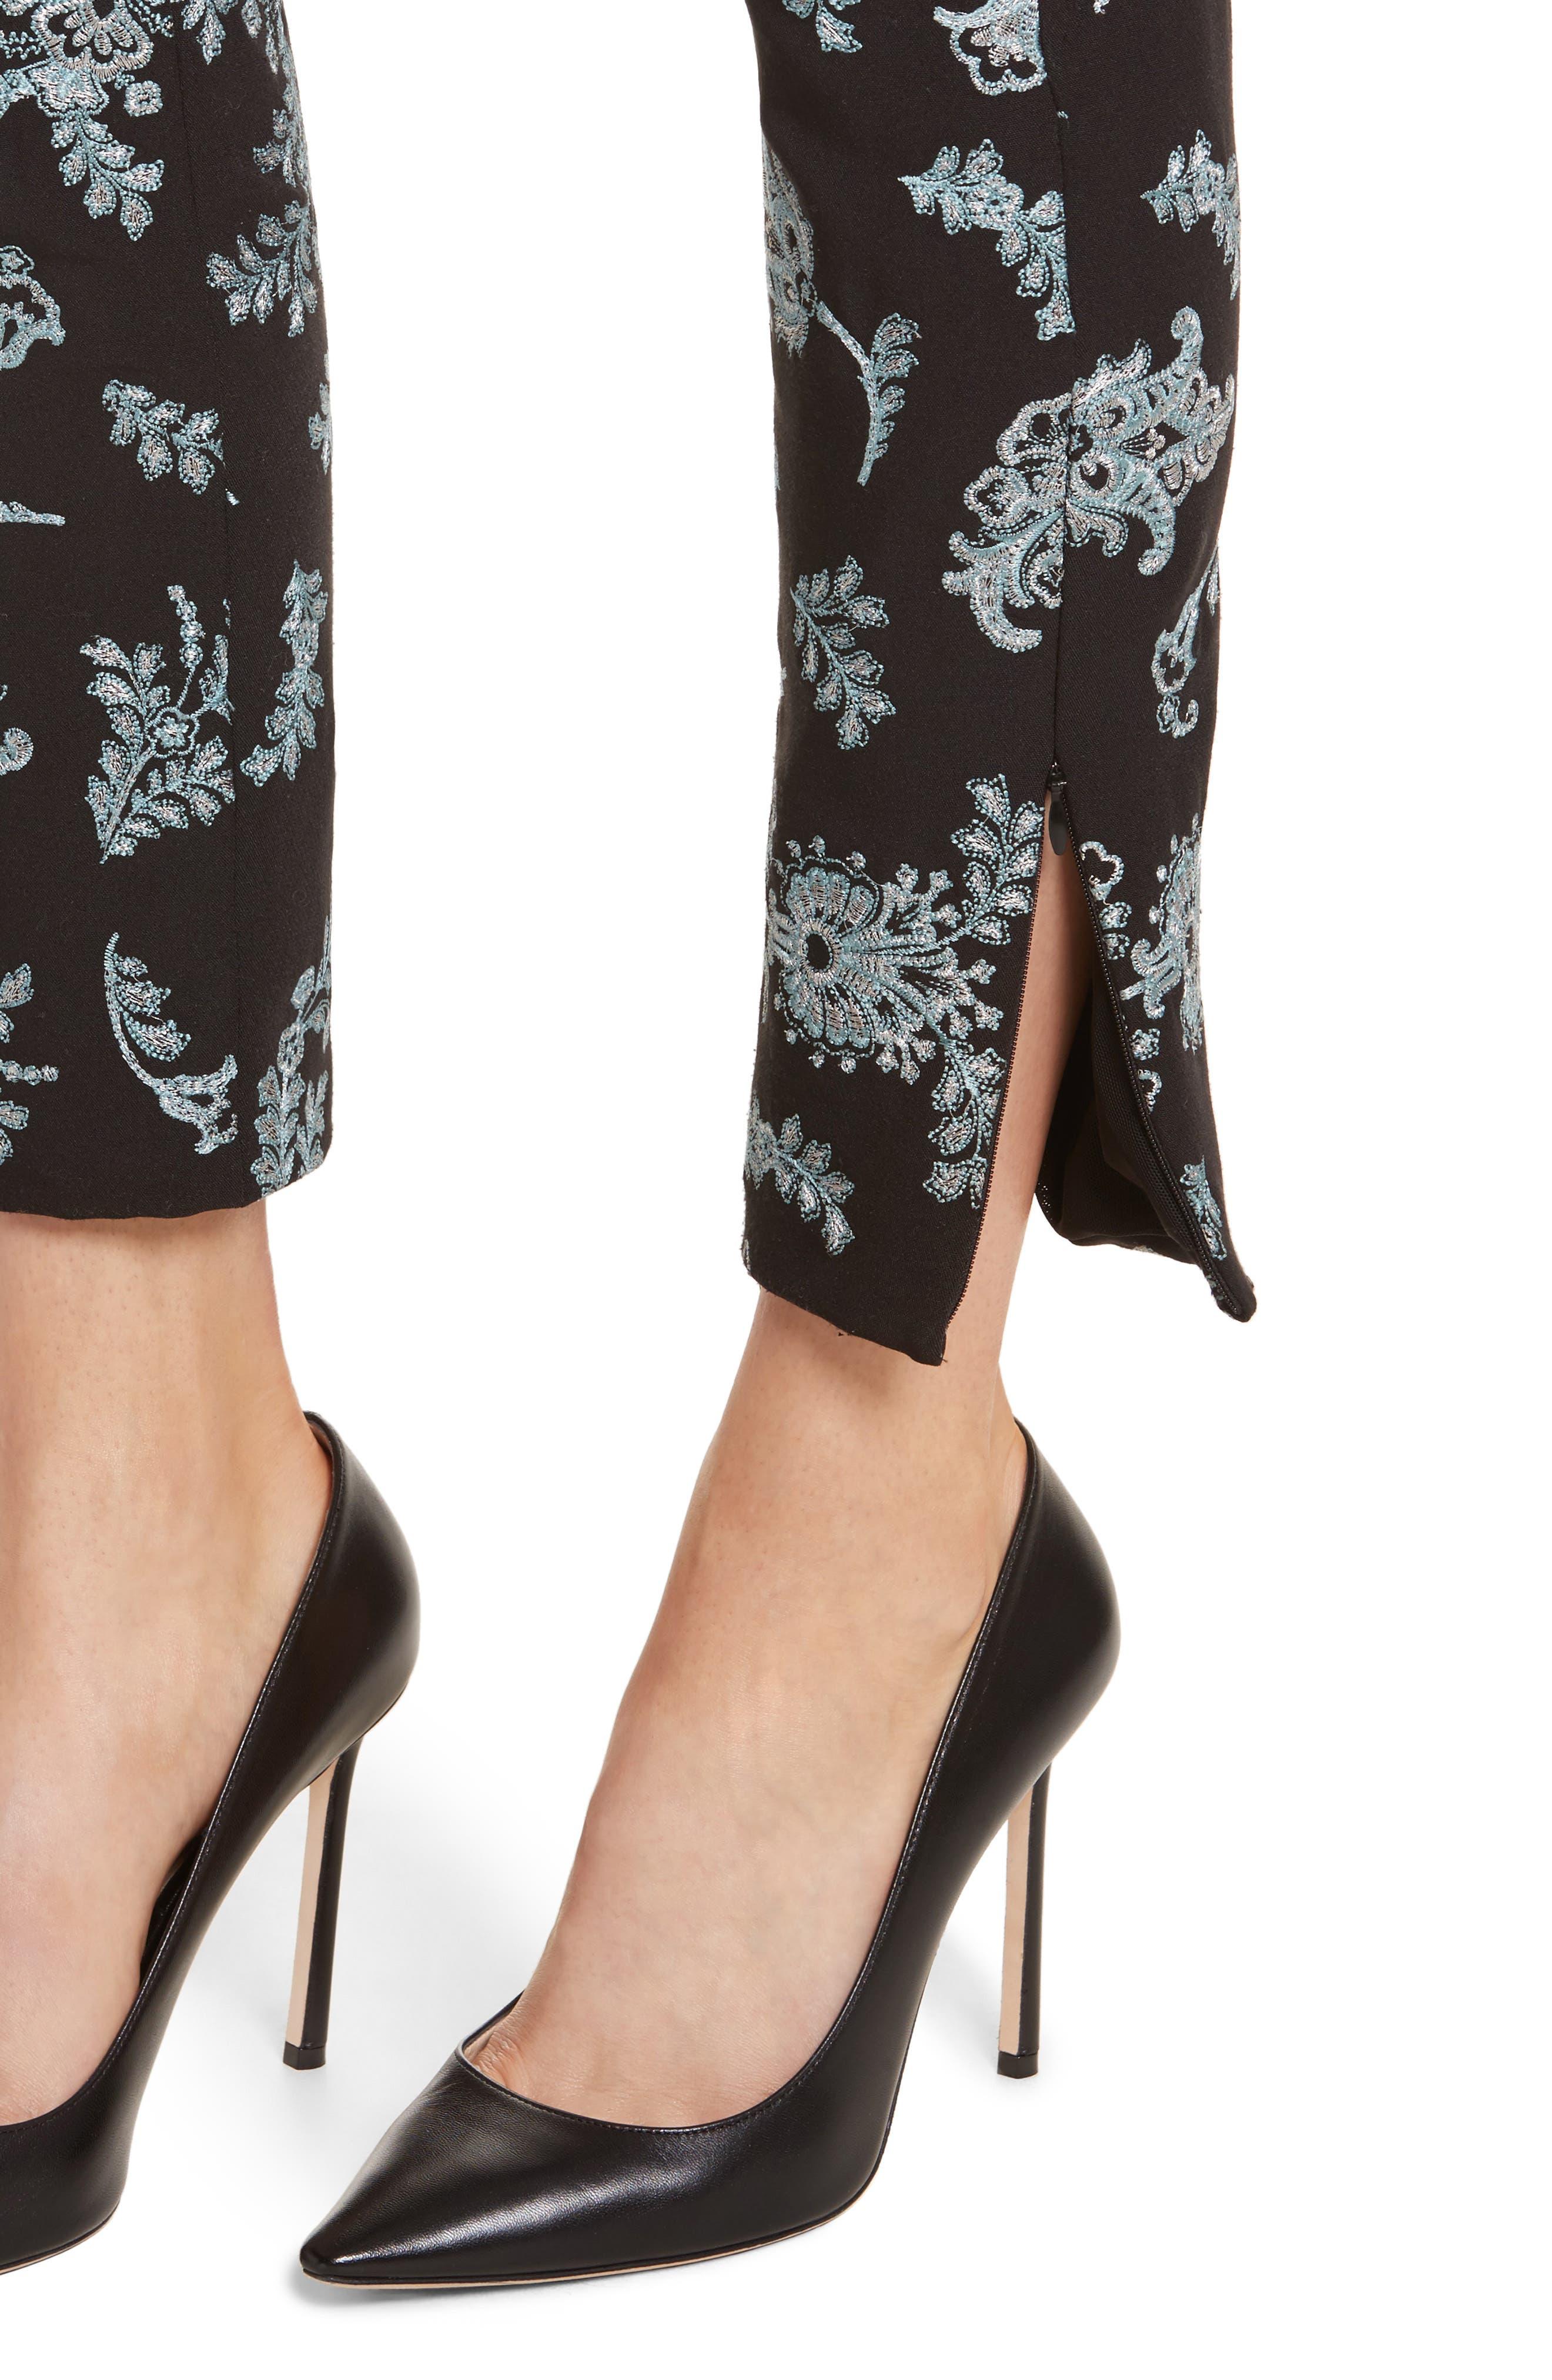 Marin Embroidered Leggings,                             Alternate thumbnail 5, color,                             Black/ Silver/ Sunshower